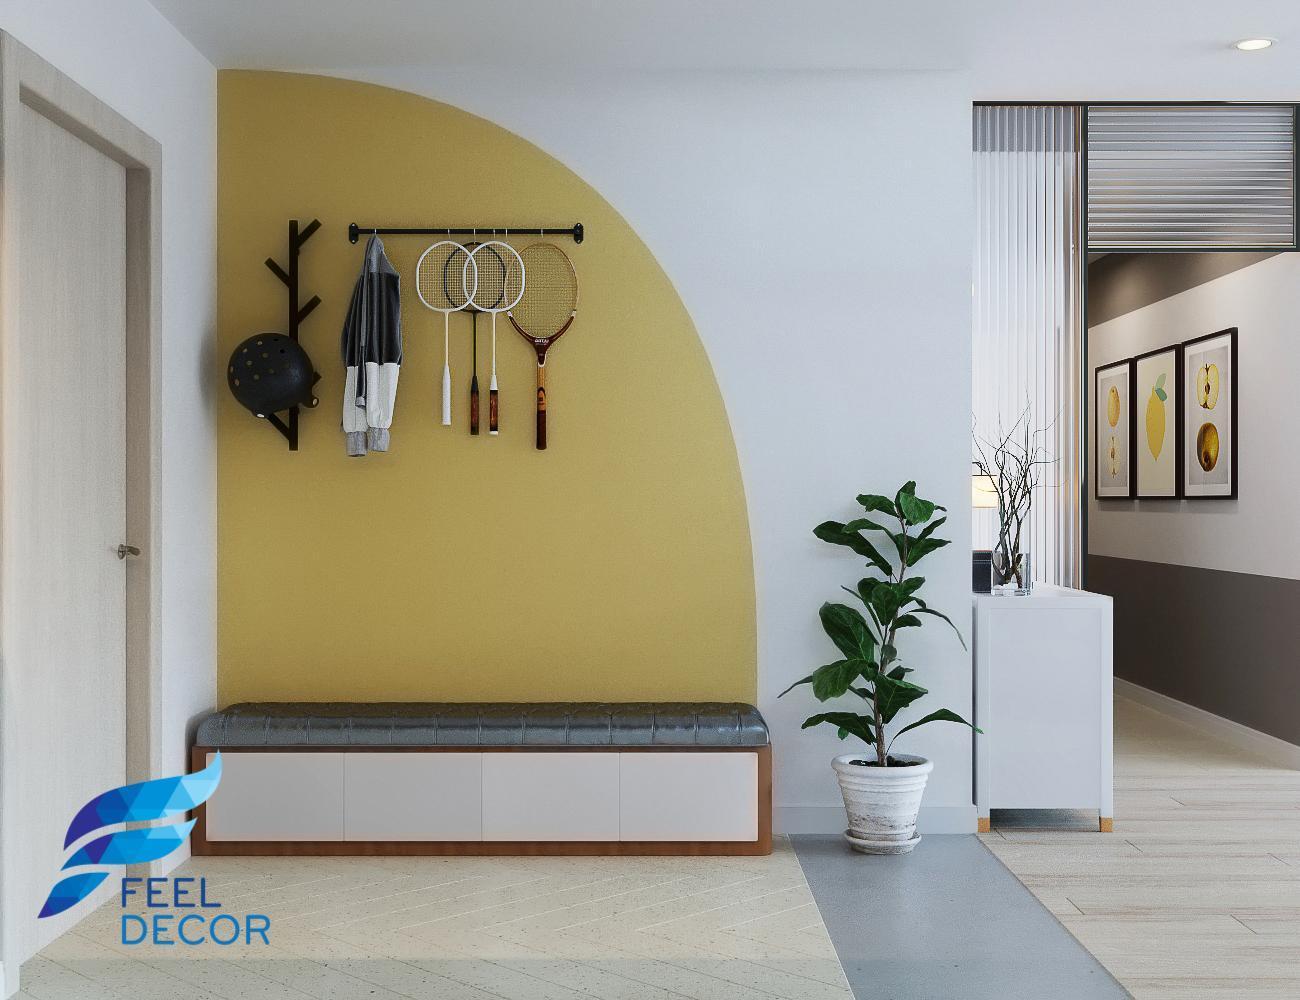 thiết kế thi công nội thất căn hộ Hà Đô 110m2 - 3 phòng ngủ